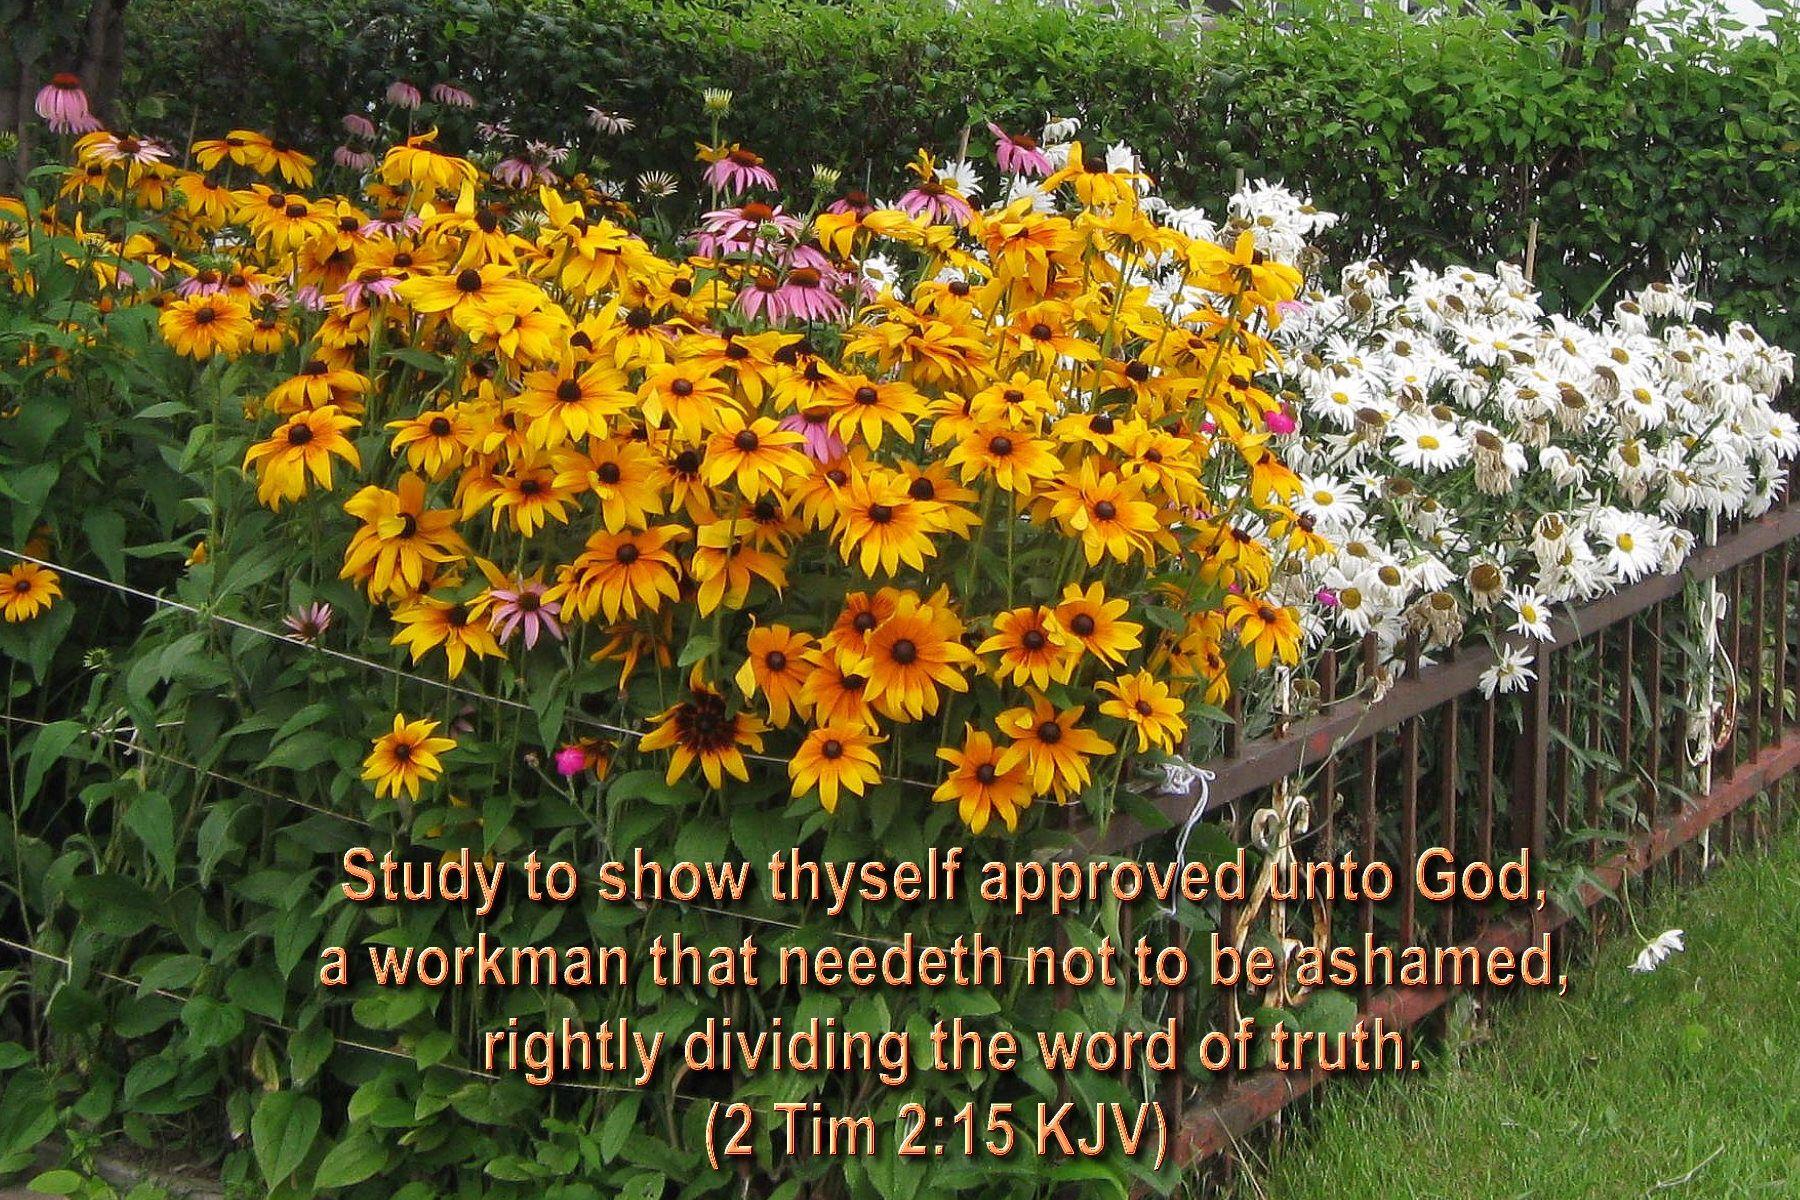 Image from https://drwrl4jesus.files.wordpress.com/2014/08/bible ...